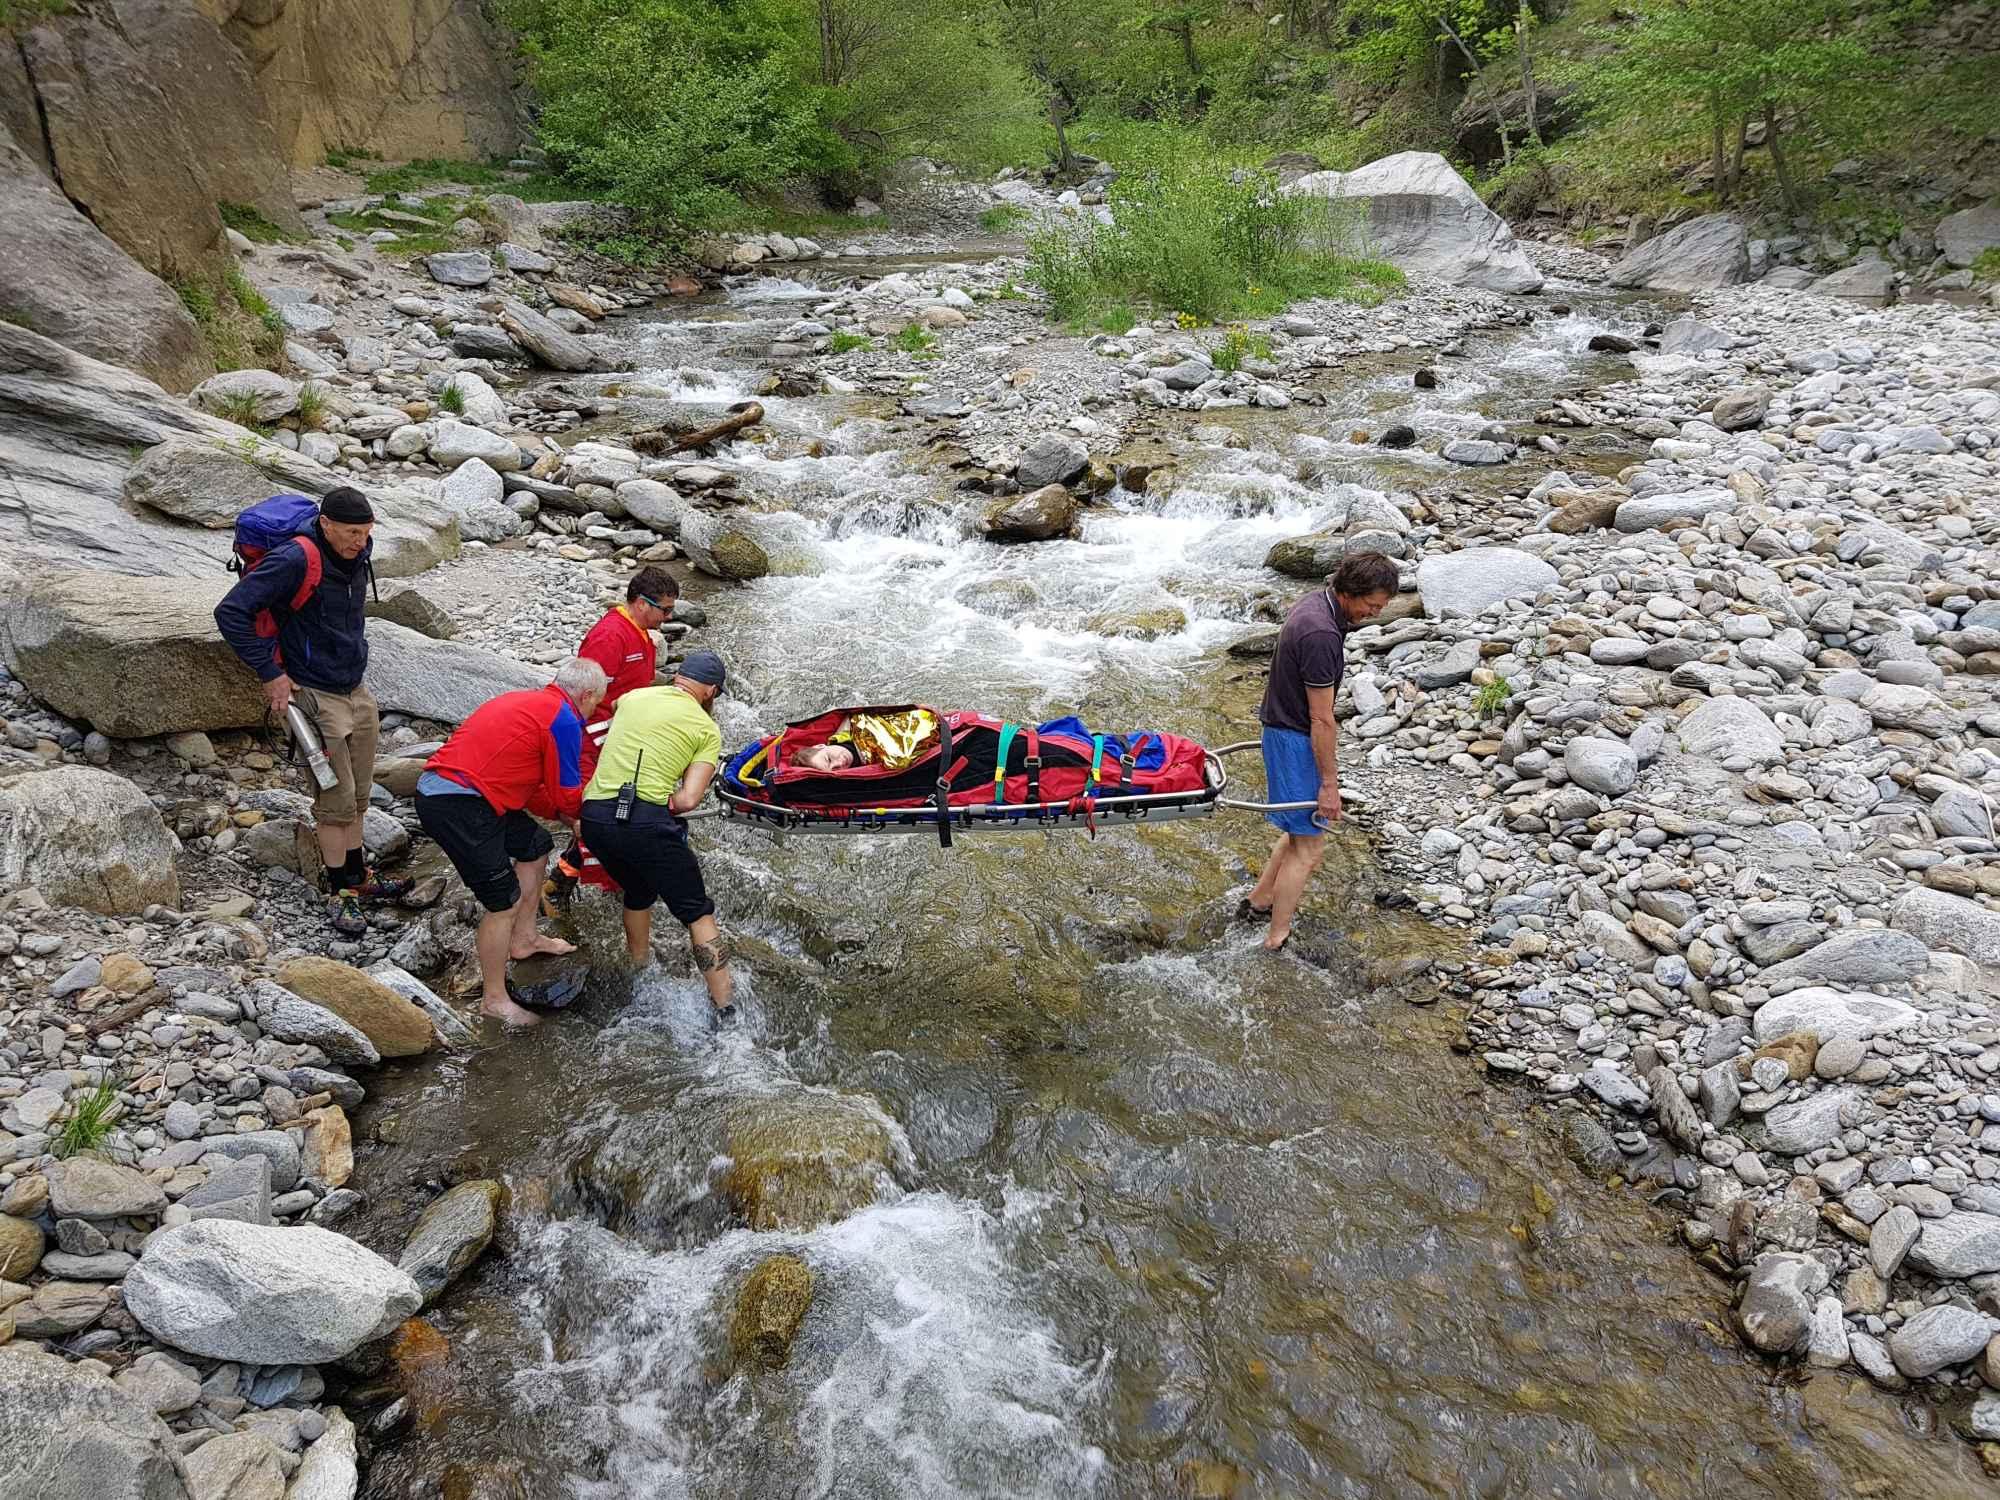 Bergrettung im Klettersteig